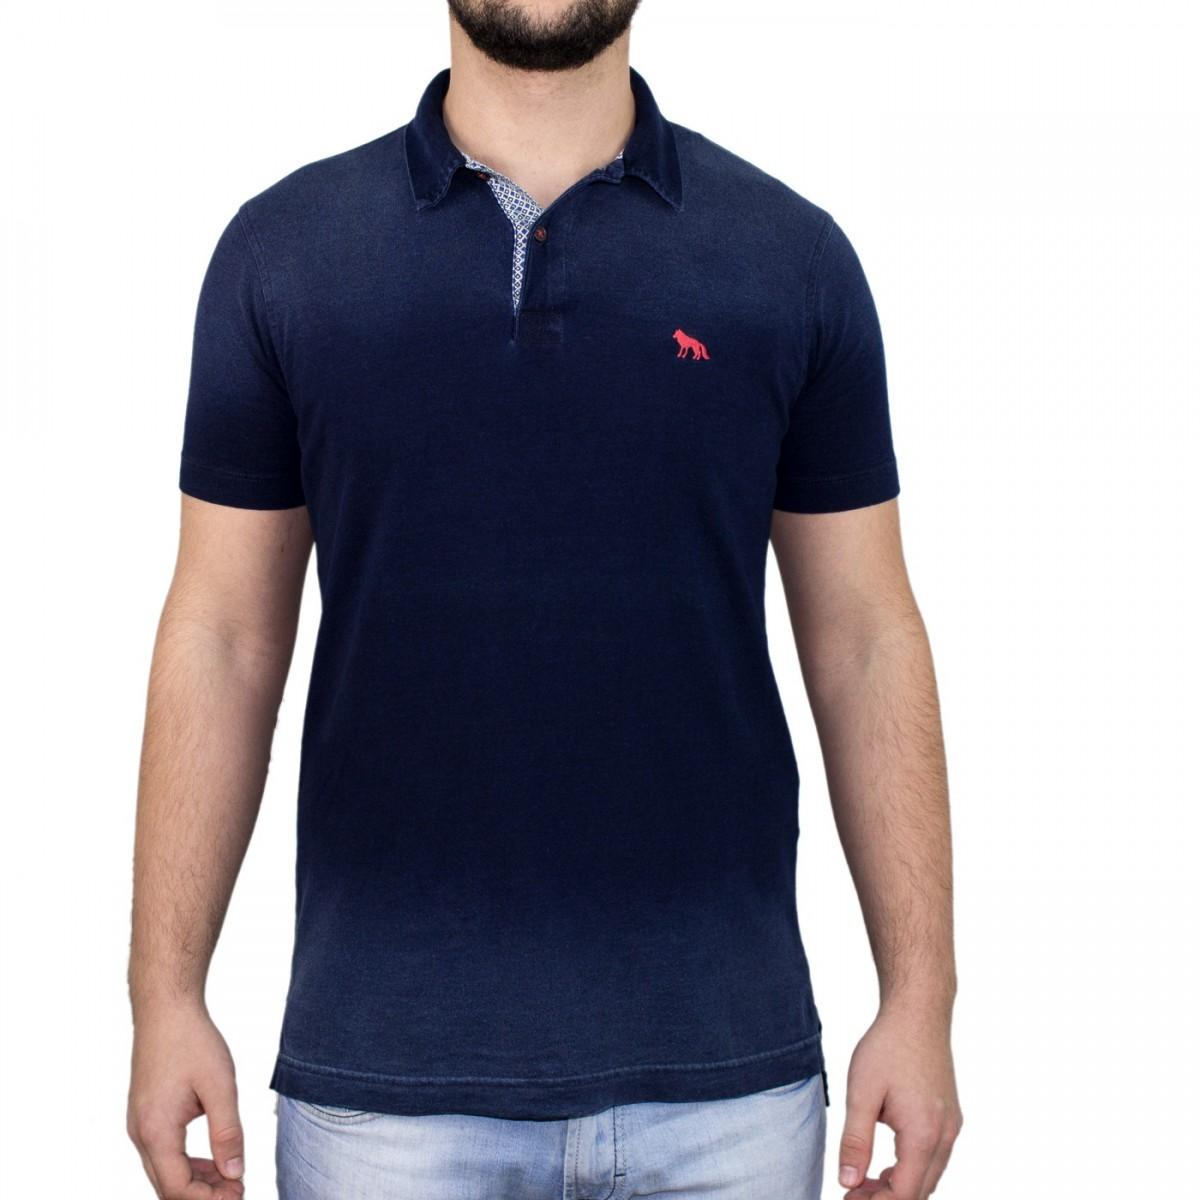 Bizz Store - Camisa Polo Masculina Acostamento Marinho Manga Curta bc210f1a245